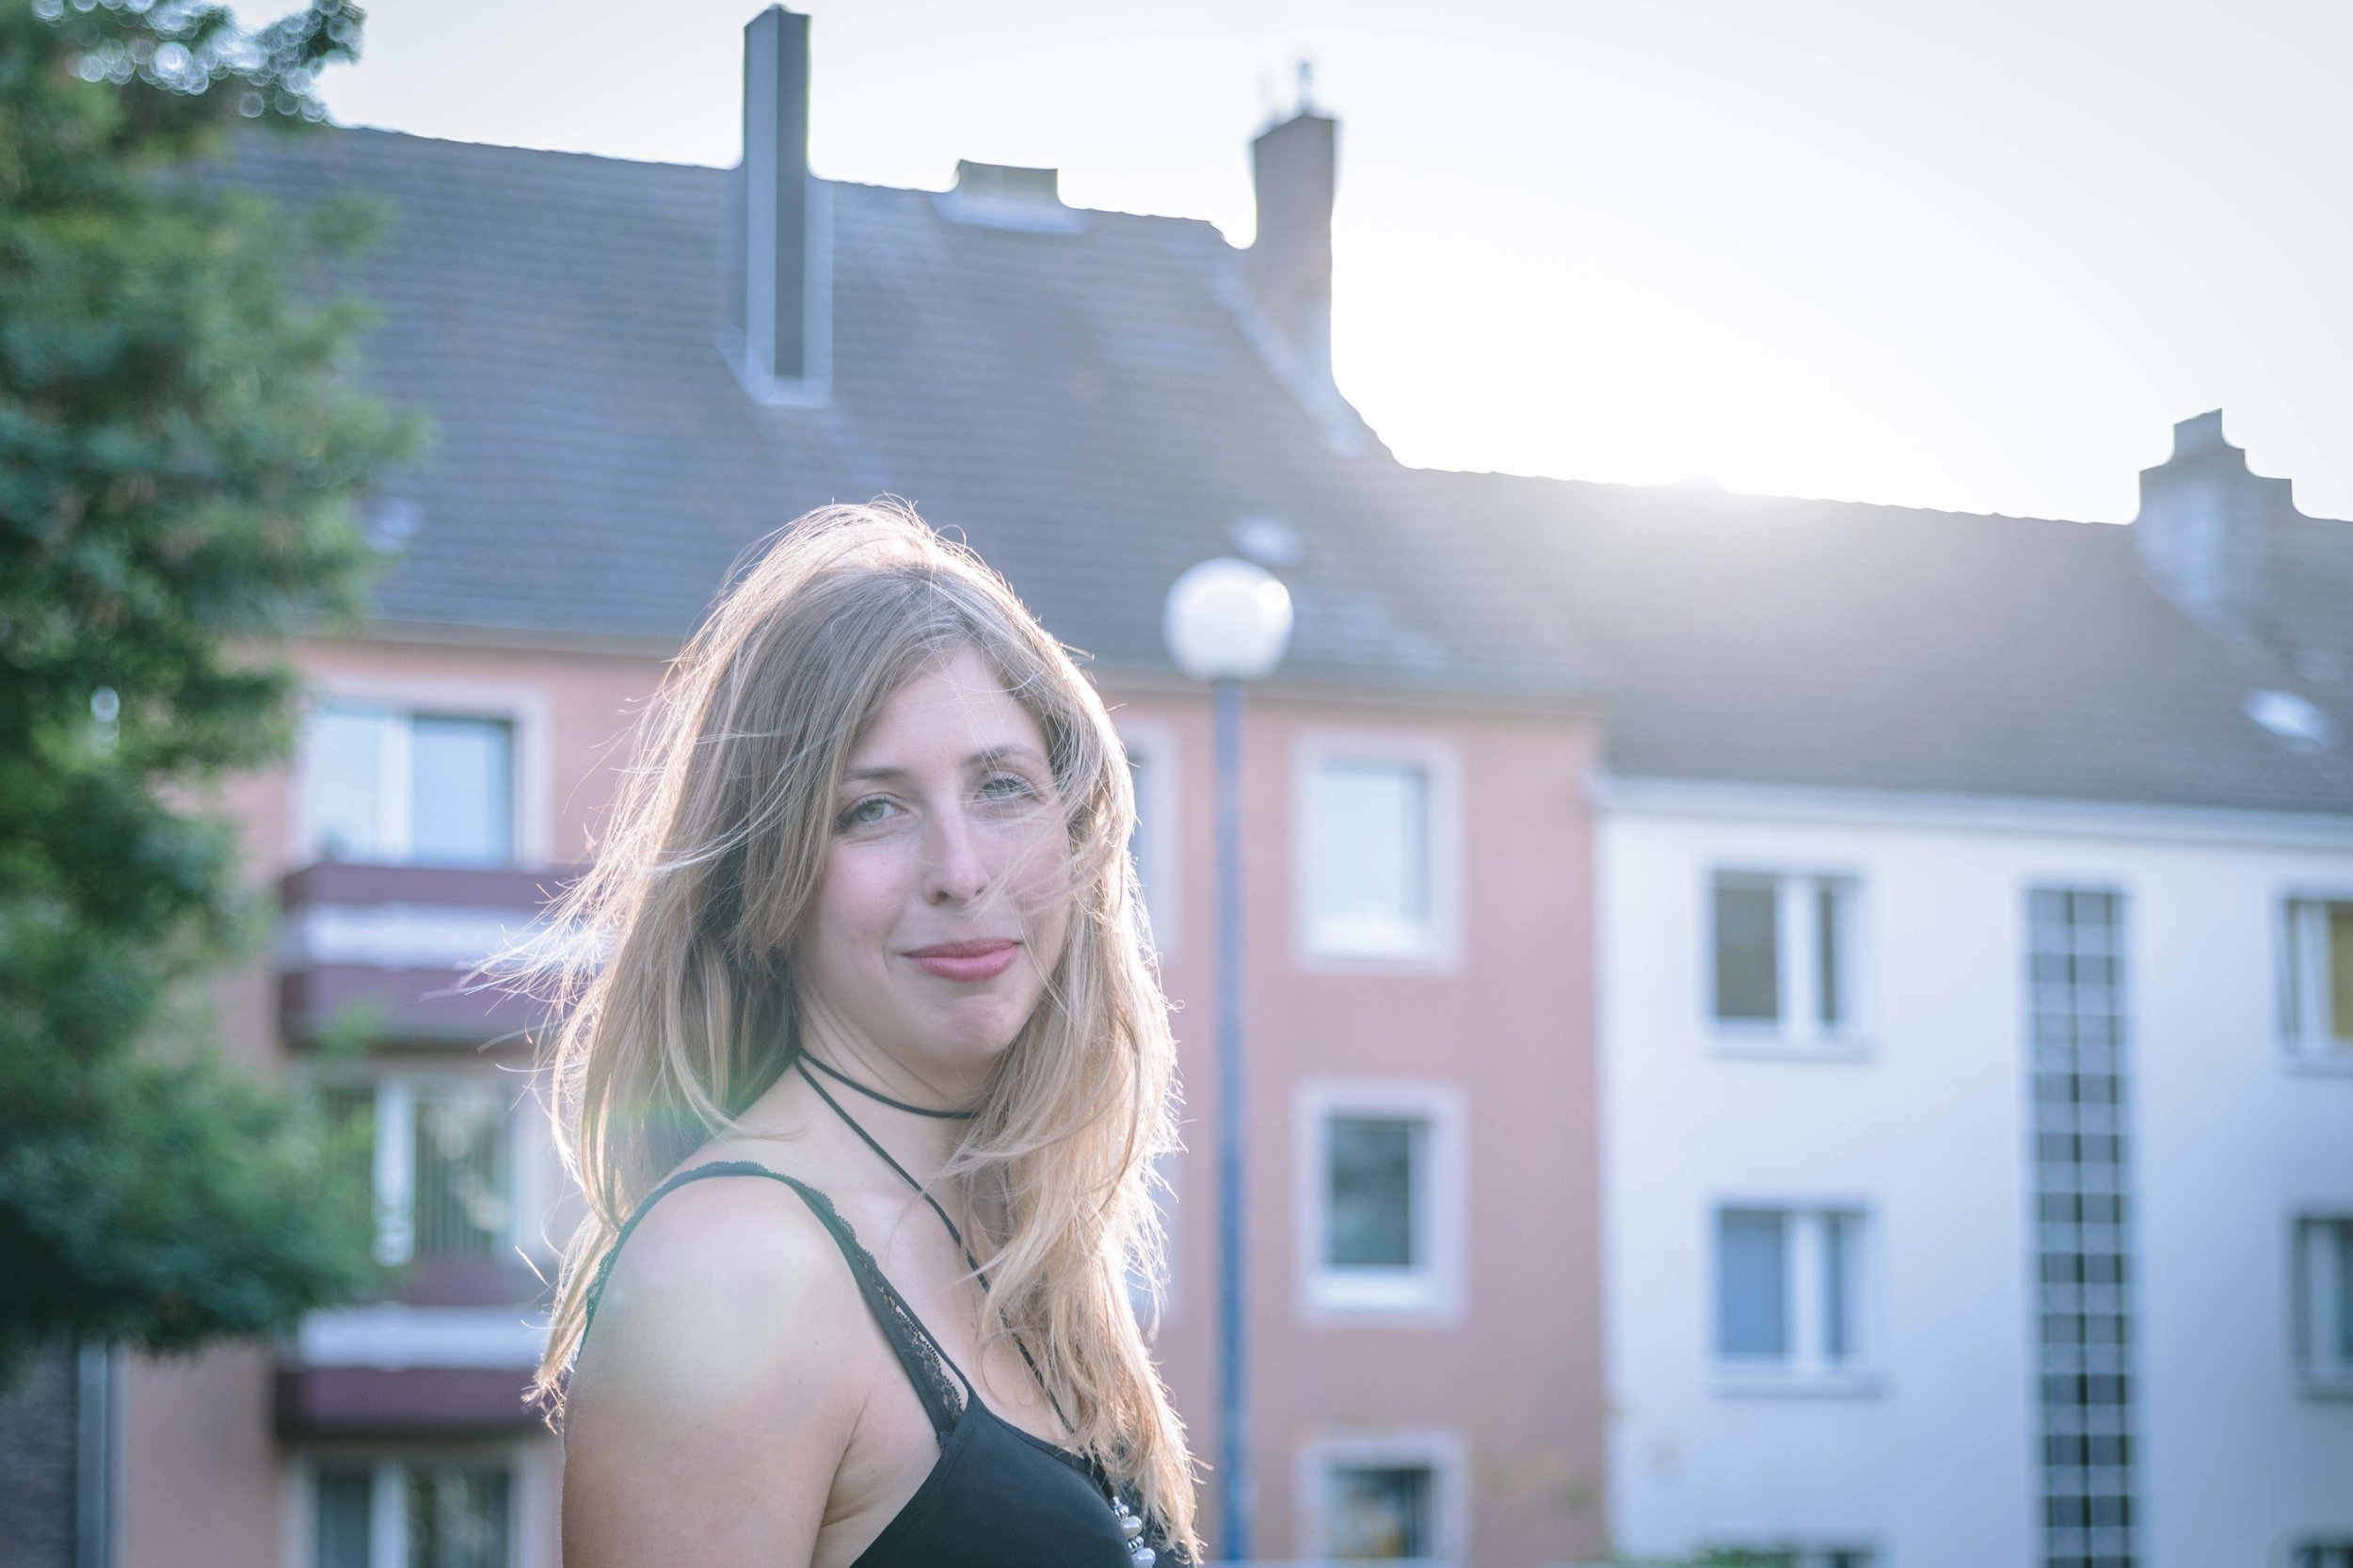 Portrait Session - Model : Berta Tuki